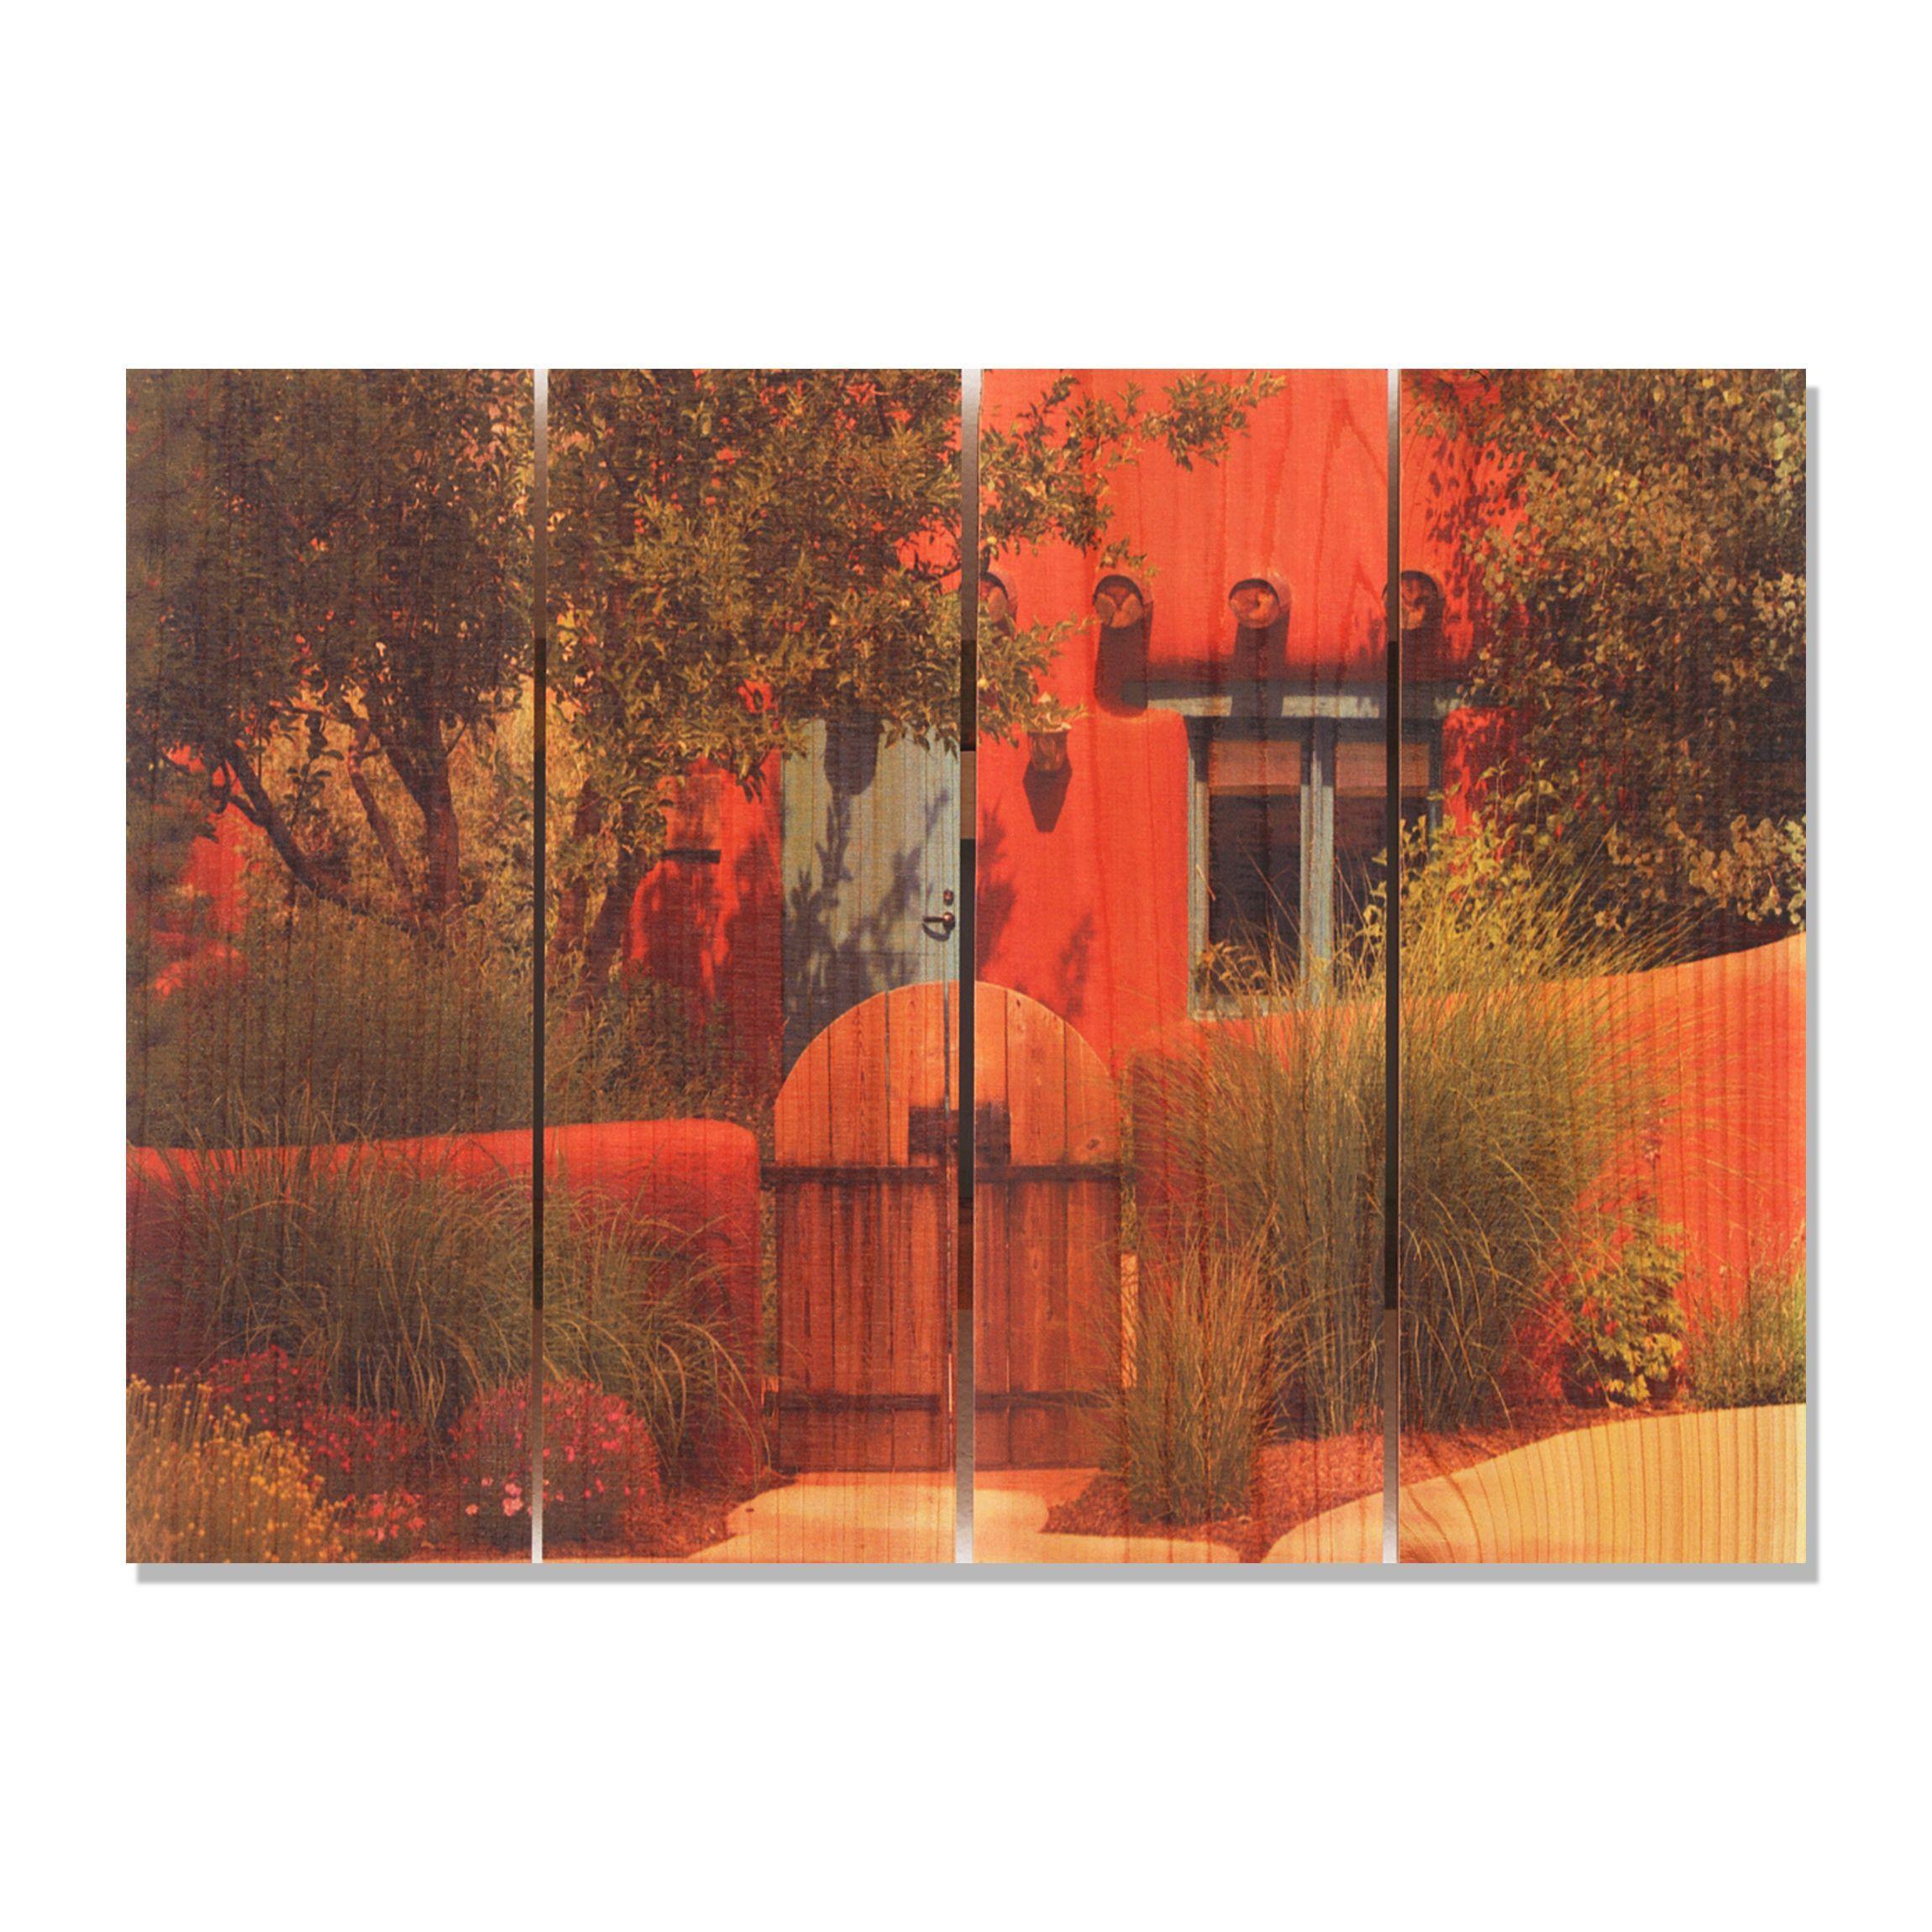 La Casa 22.5x16 Indoor/ Outdoor Full Color Wall Art